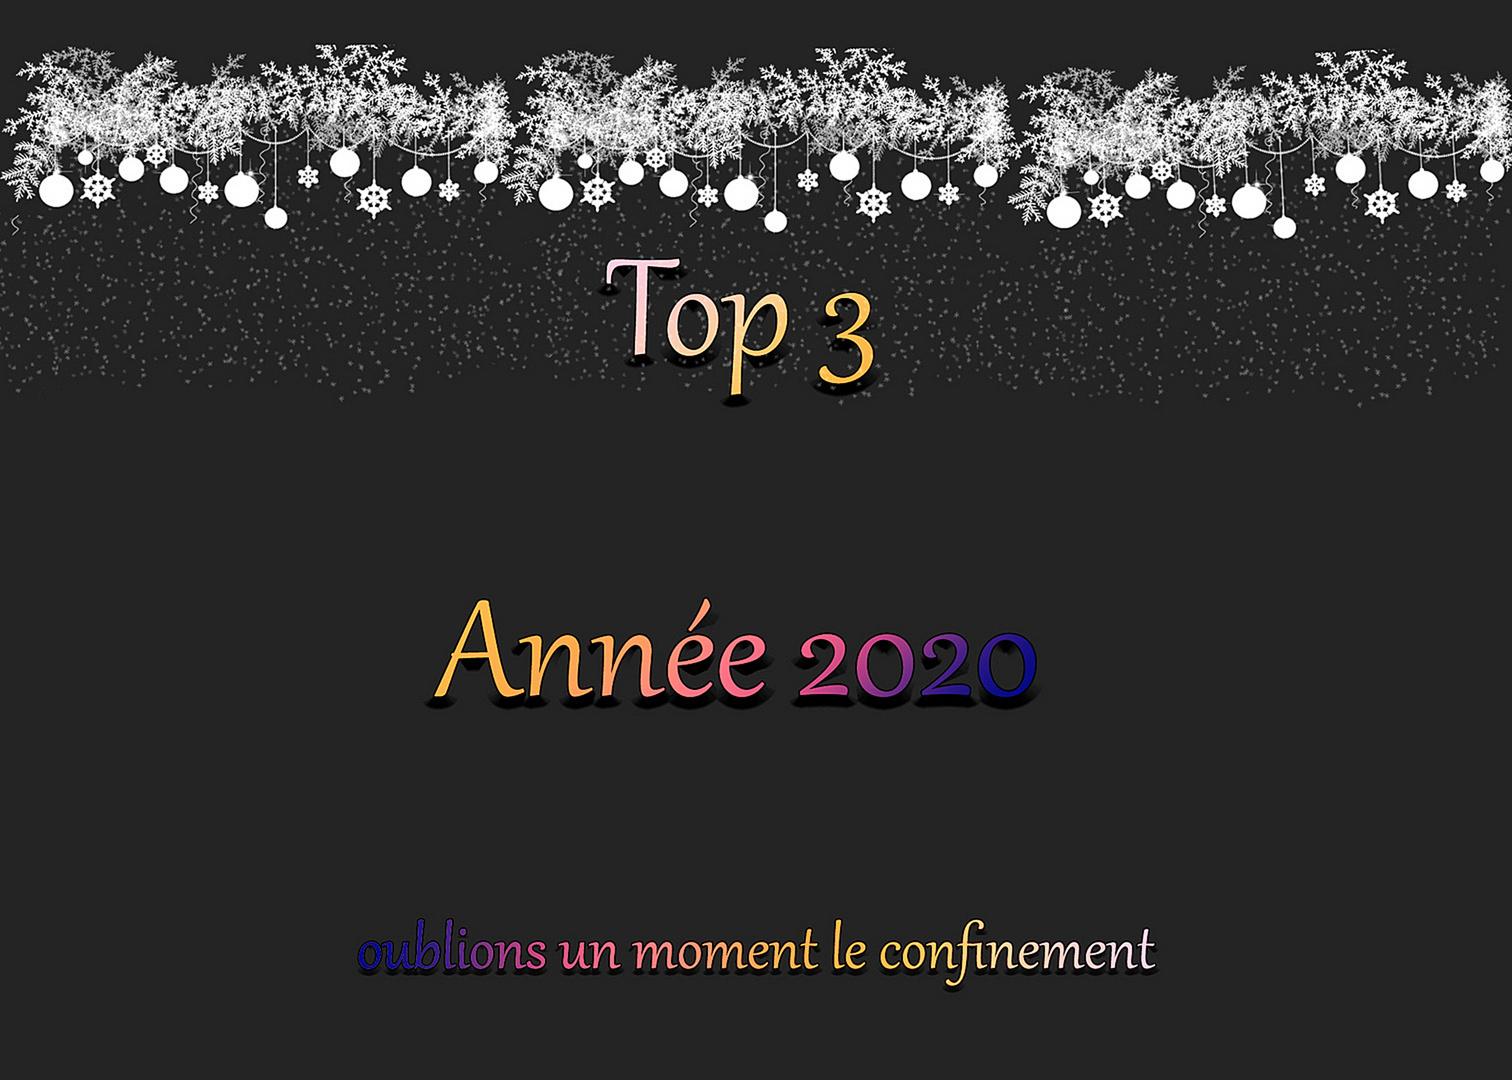 TOP 3 Année 2020